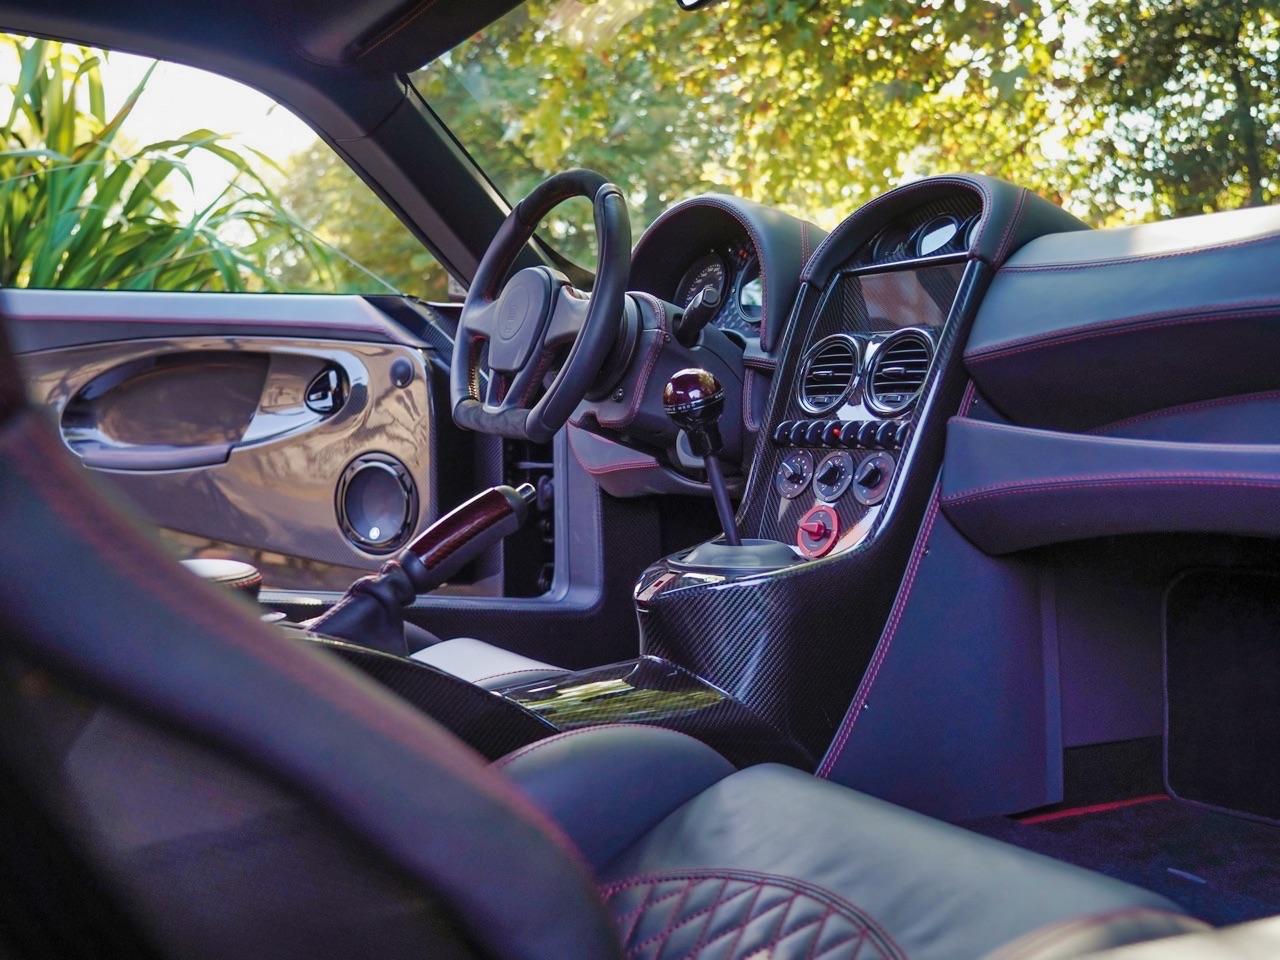 Noble M600 CarbonSport - Va y avoir du carbone et du... sport ! 11